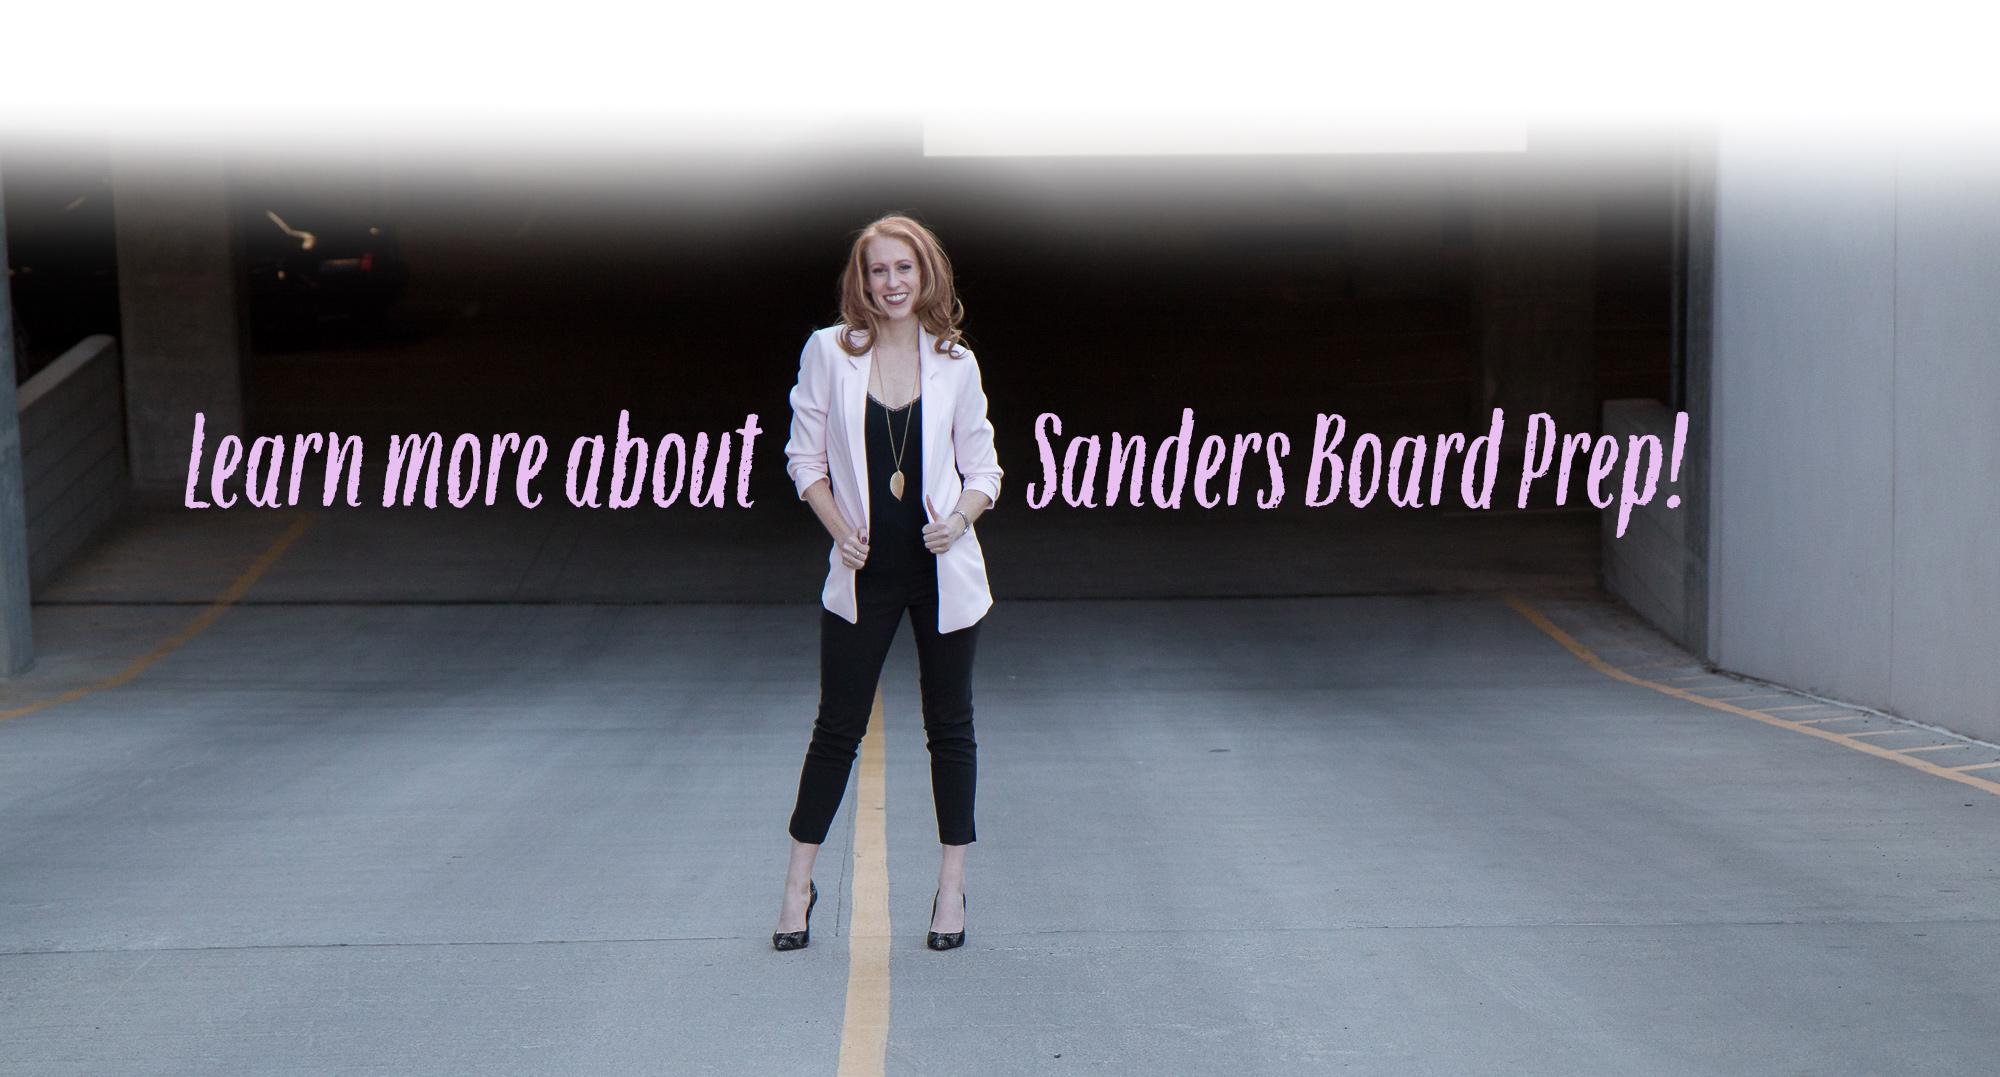 sanders board prep